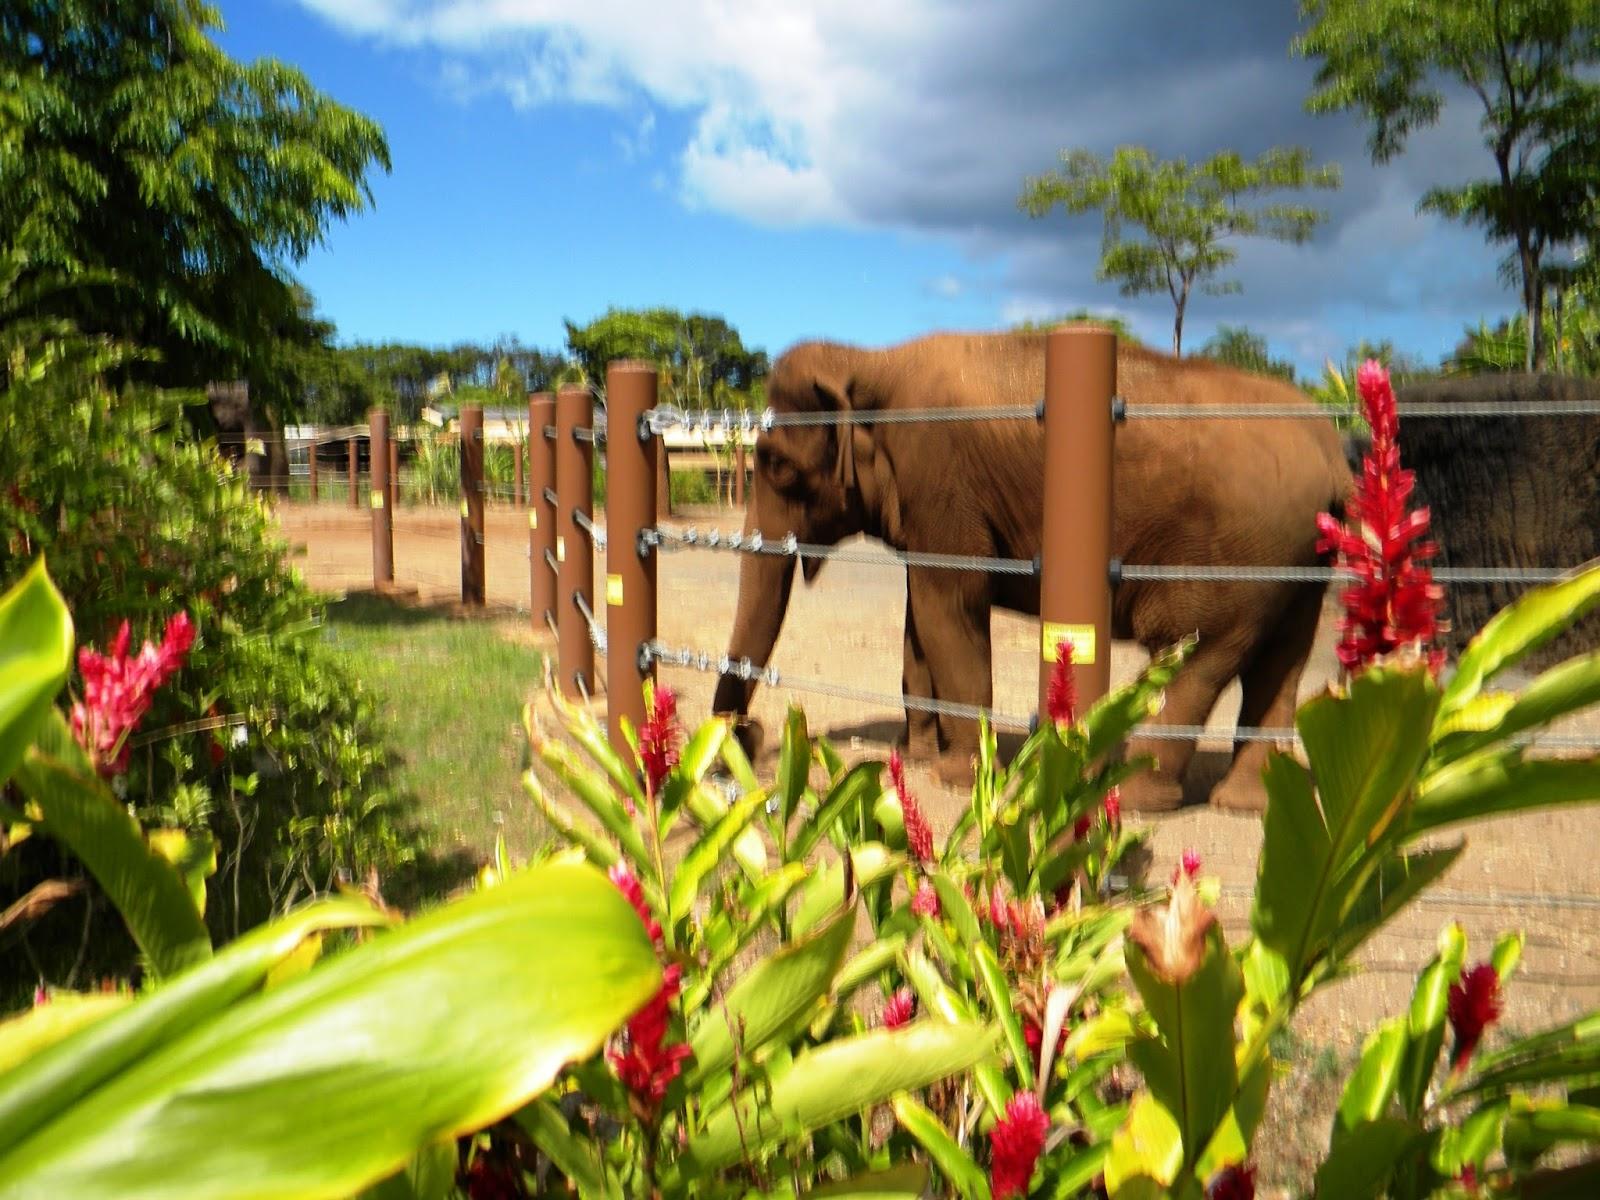 All Hawaii News: Honolulu Zoo struggling; schools